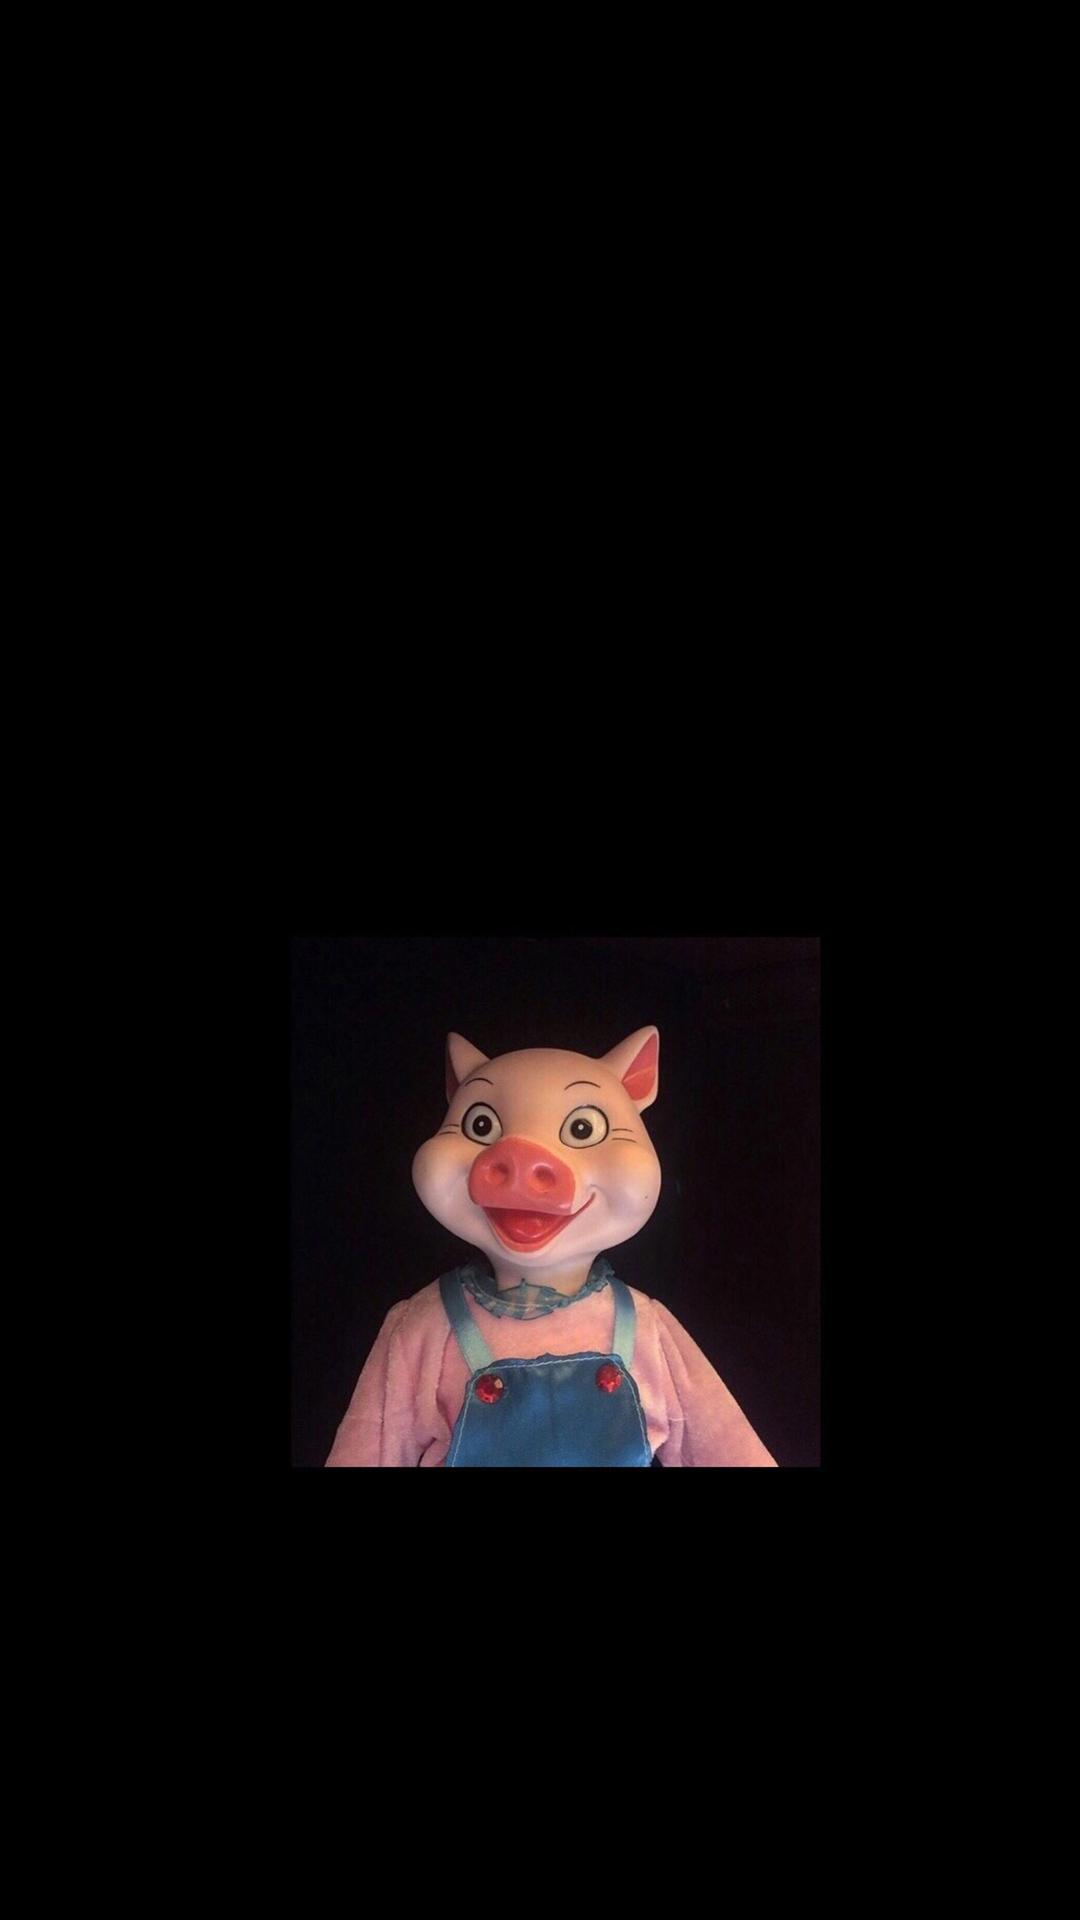 猪 猪头 粉色 黑色 动物 苹果手机高清壁纸 1080x1920